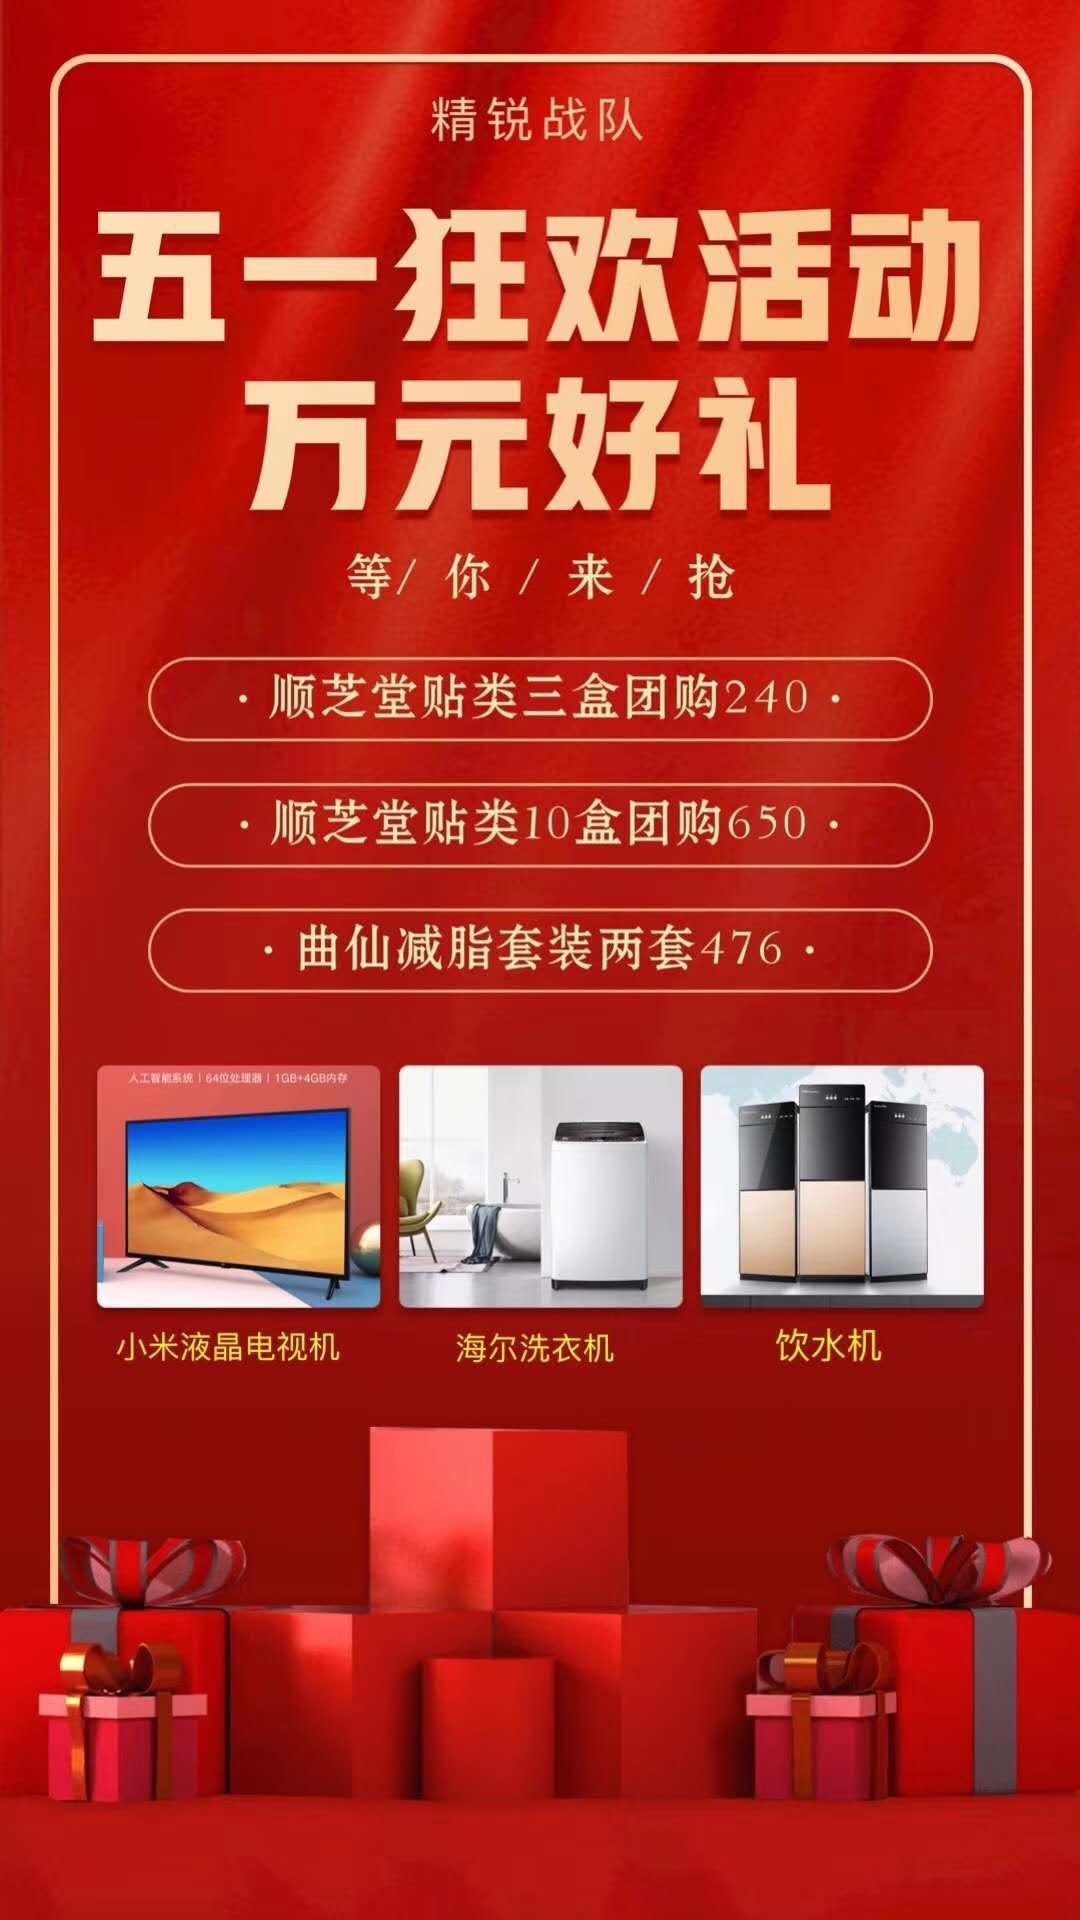 顺芝堂曲仙5.1活动开启,购买及代理均有优惠政策!